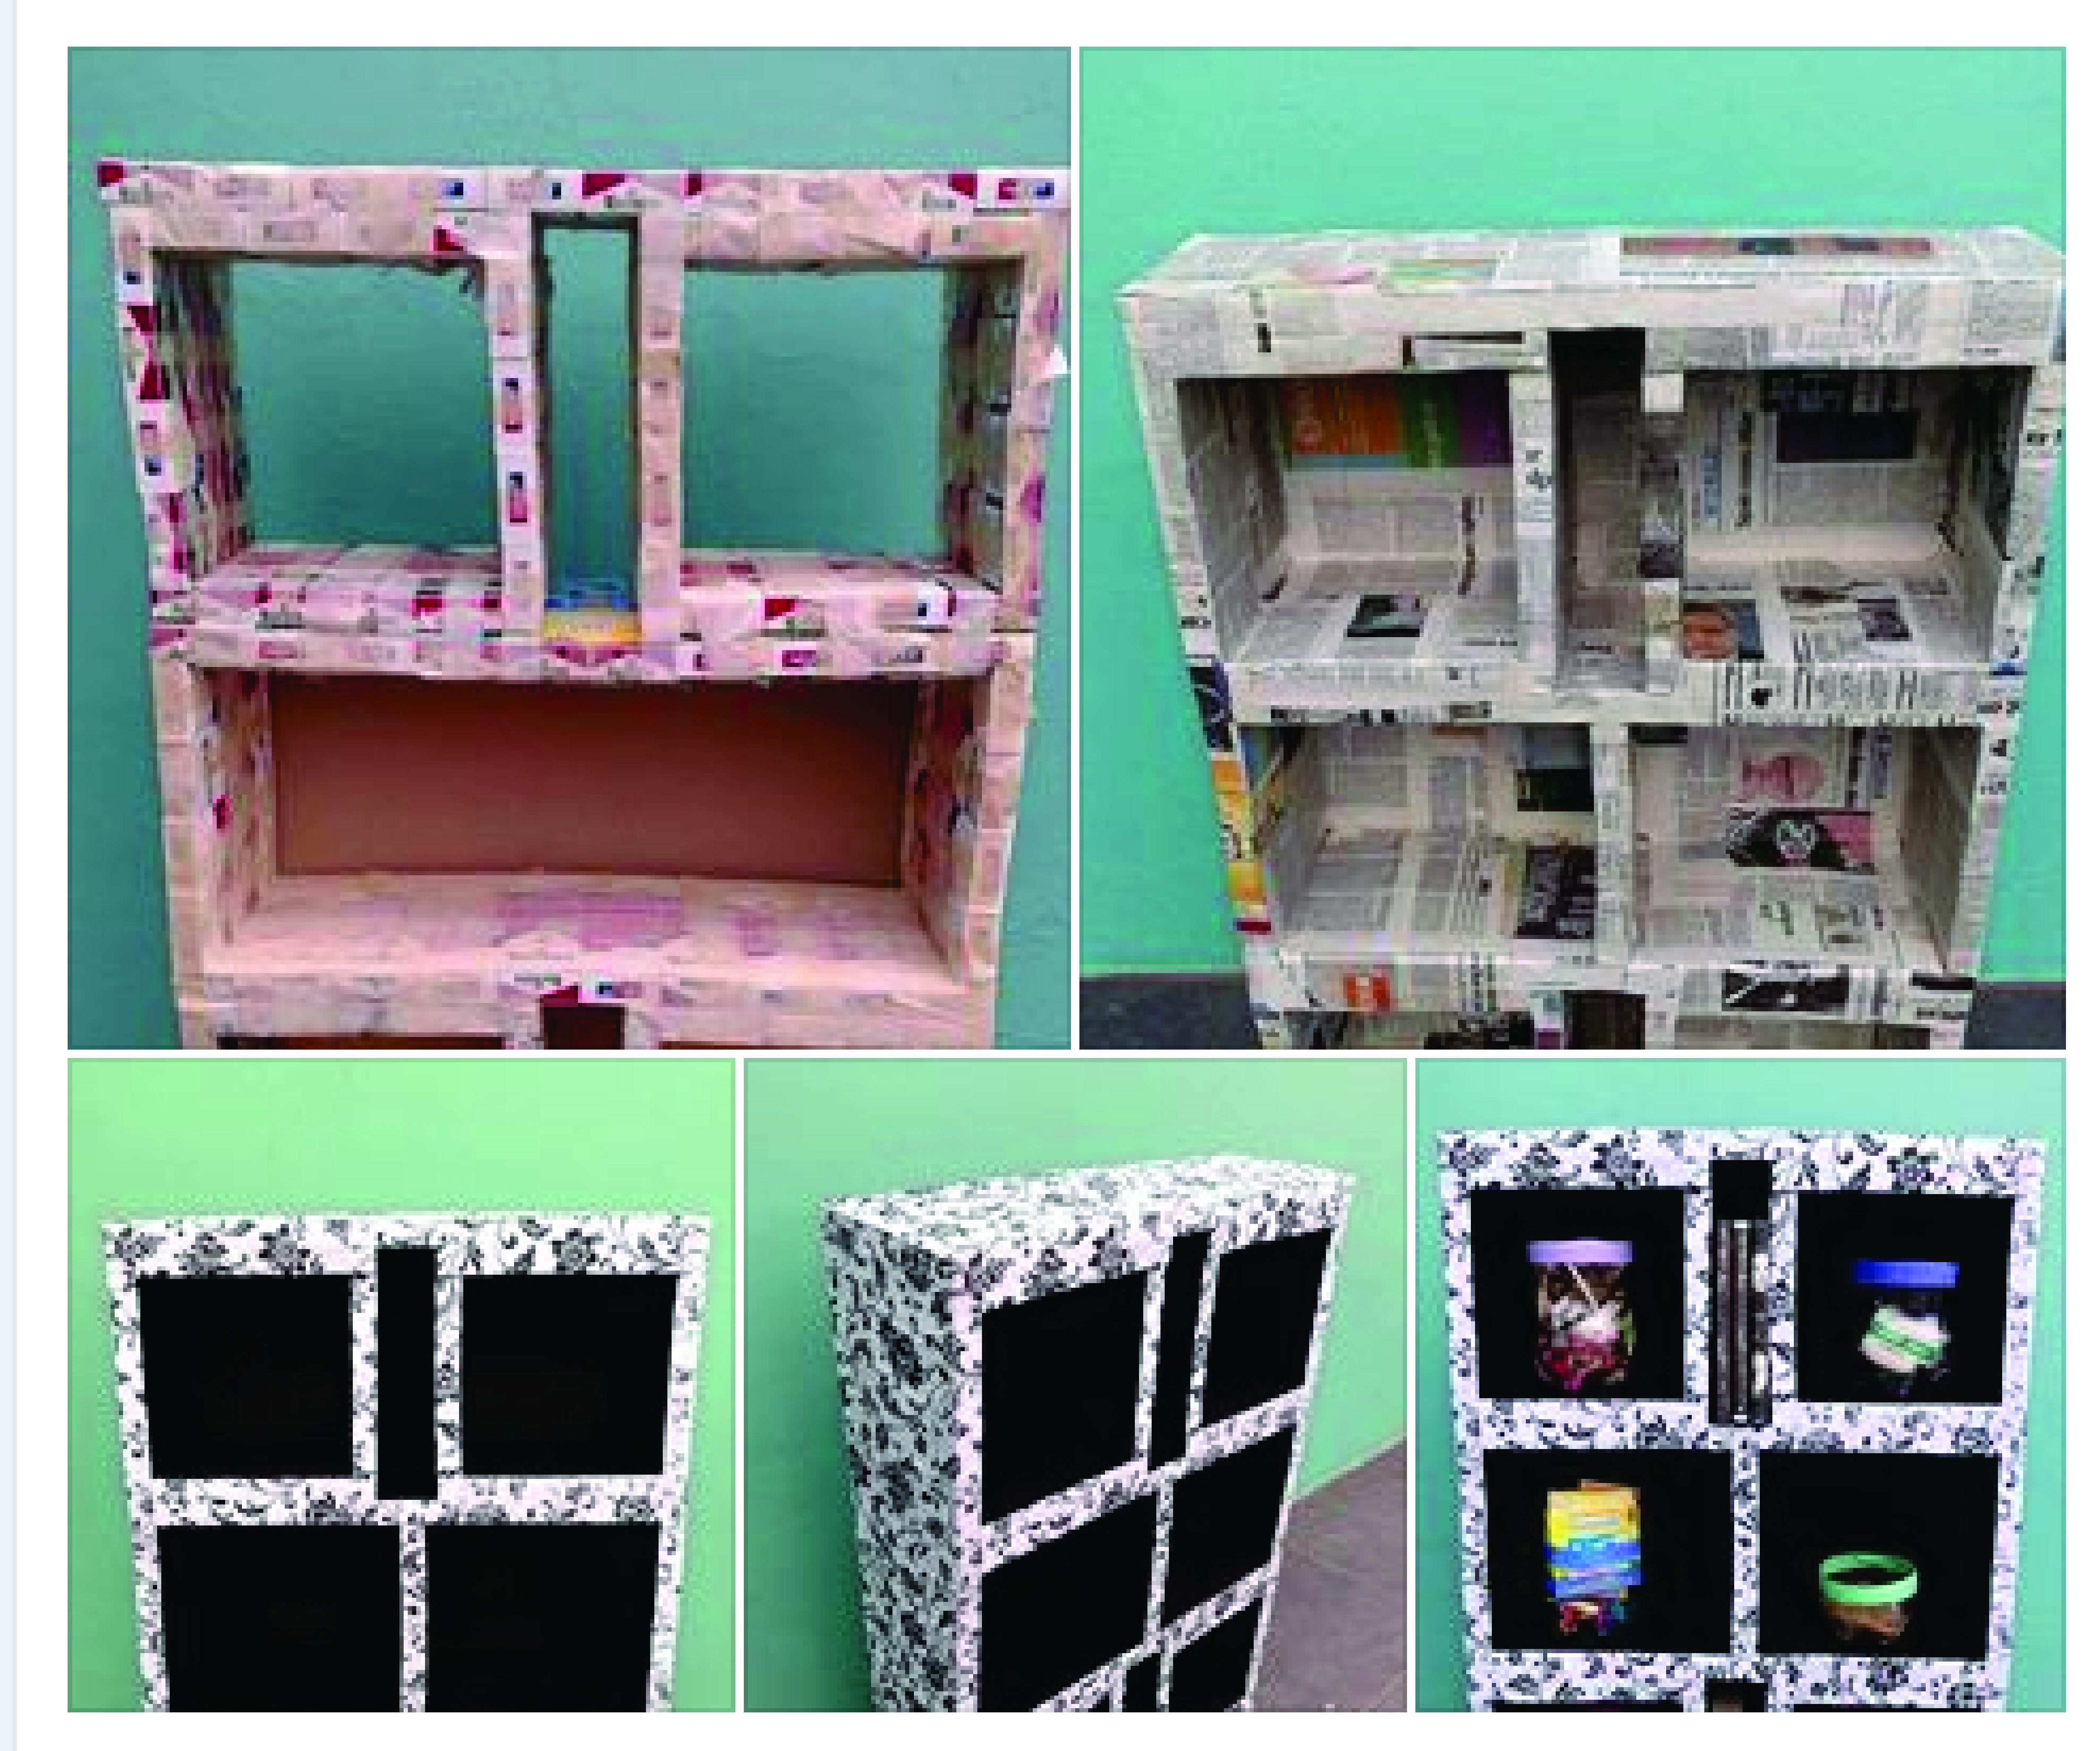 Muebles Para Cigarros - Mueble Hecho Con Cajas De Cigarrillo Por Mi Amiga Brenda Deco [mjhdah]http://img.archiexpo.es/images_ae/photo-g/4000-5947855.jpg